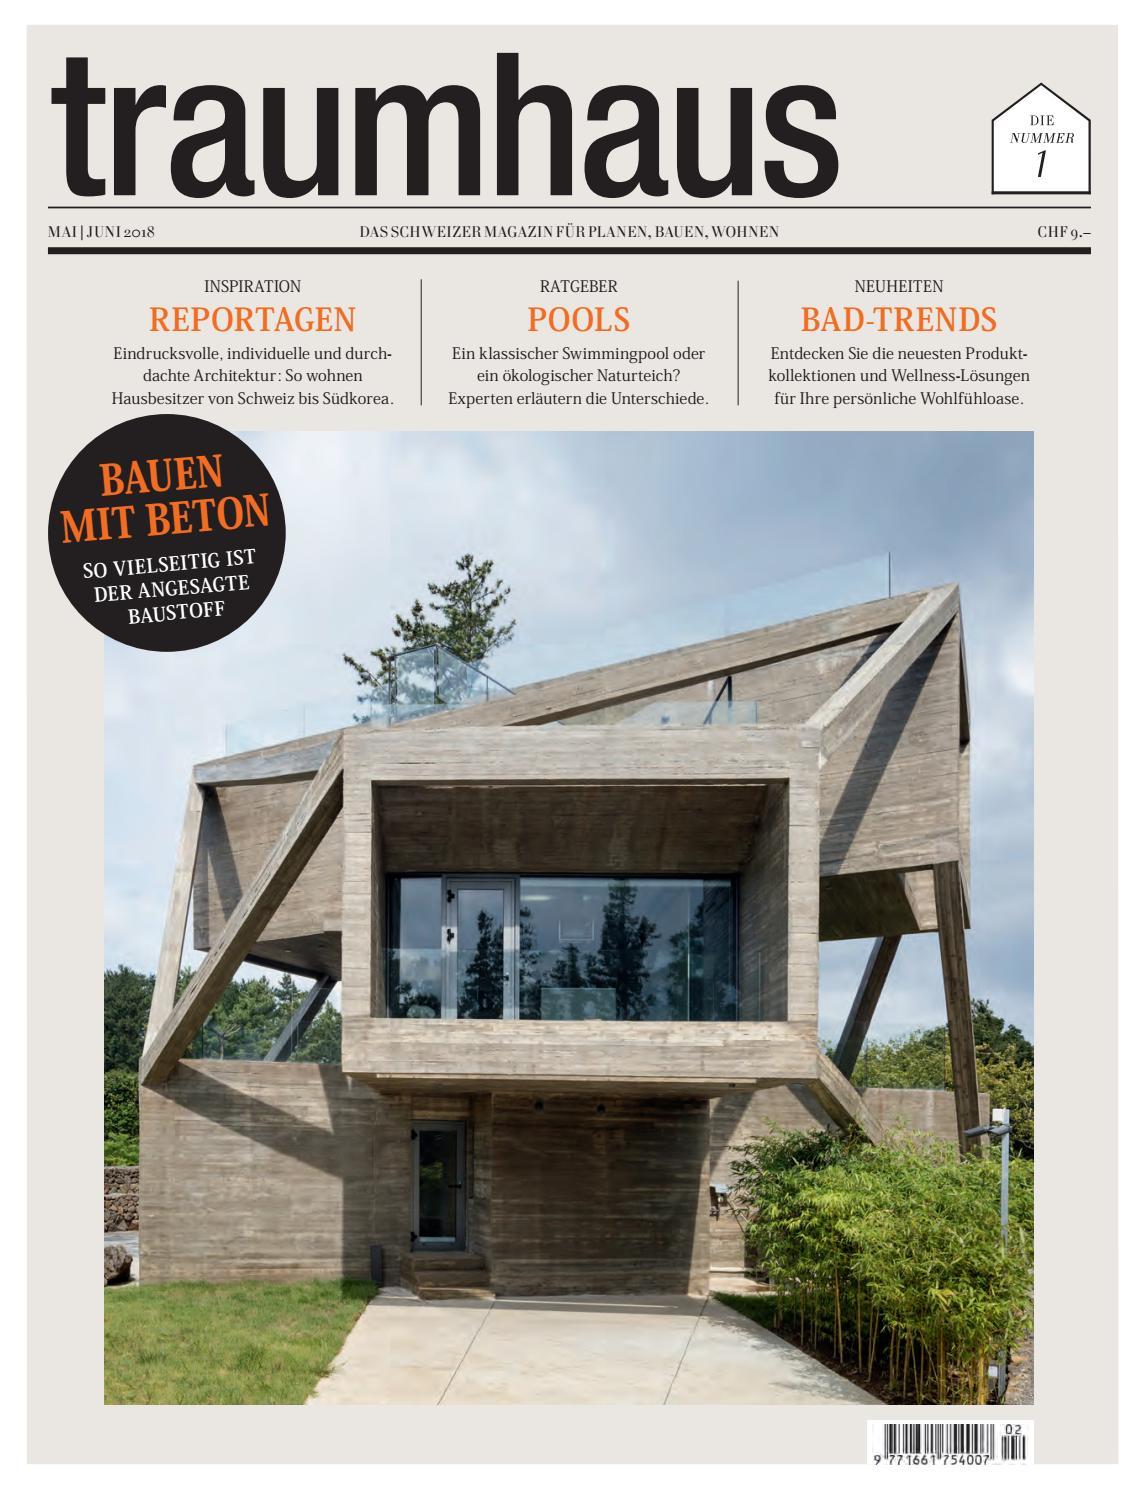 ultimative grune architektur bepflanzten wanden, traumhaus 02 2018 by bl verlag ag - issuu, Design ideen